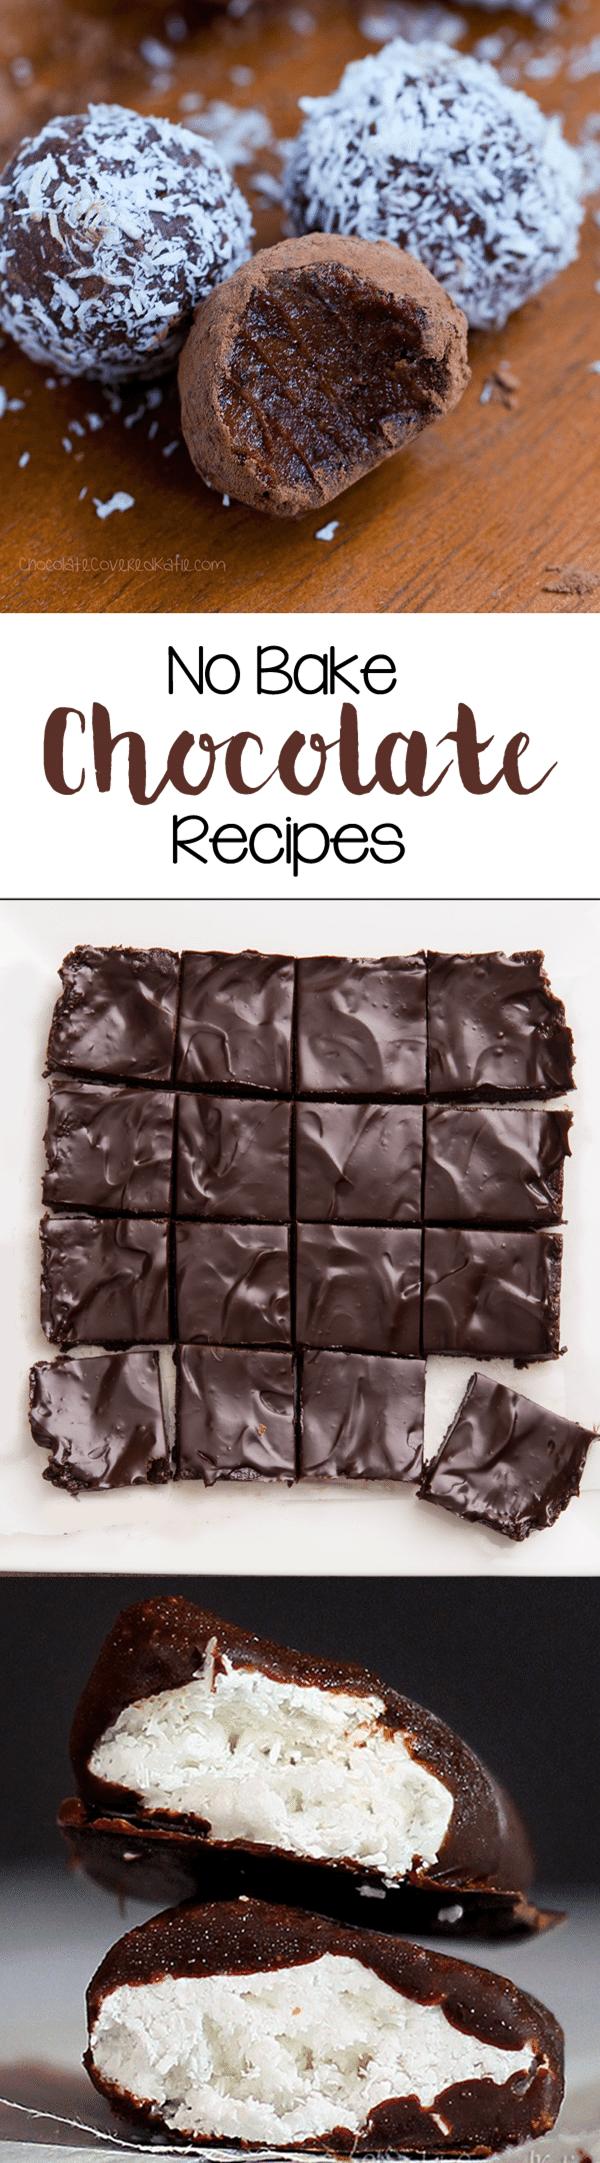 no-bake-chocolate-recipes_thumb.png